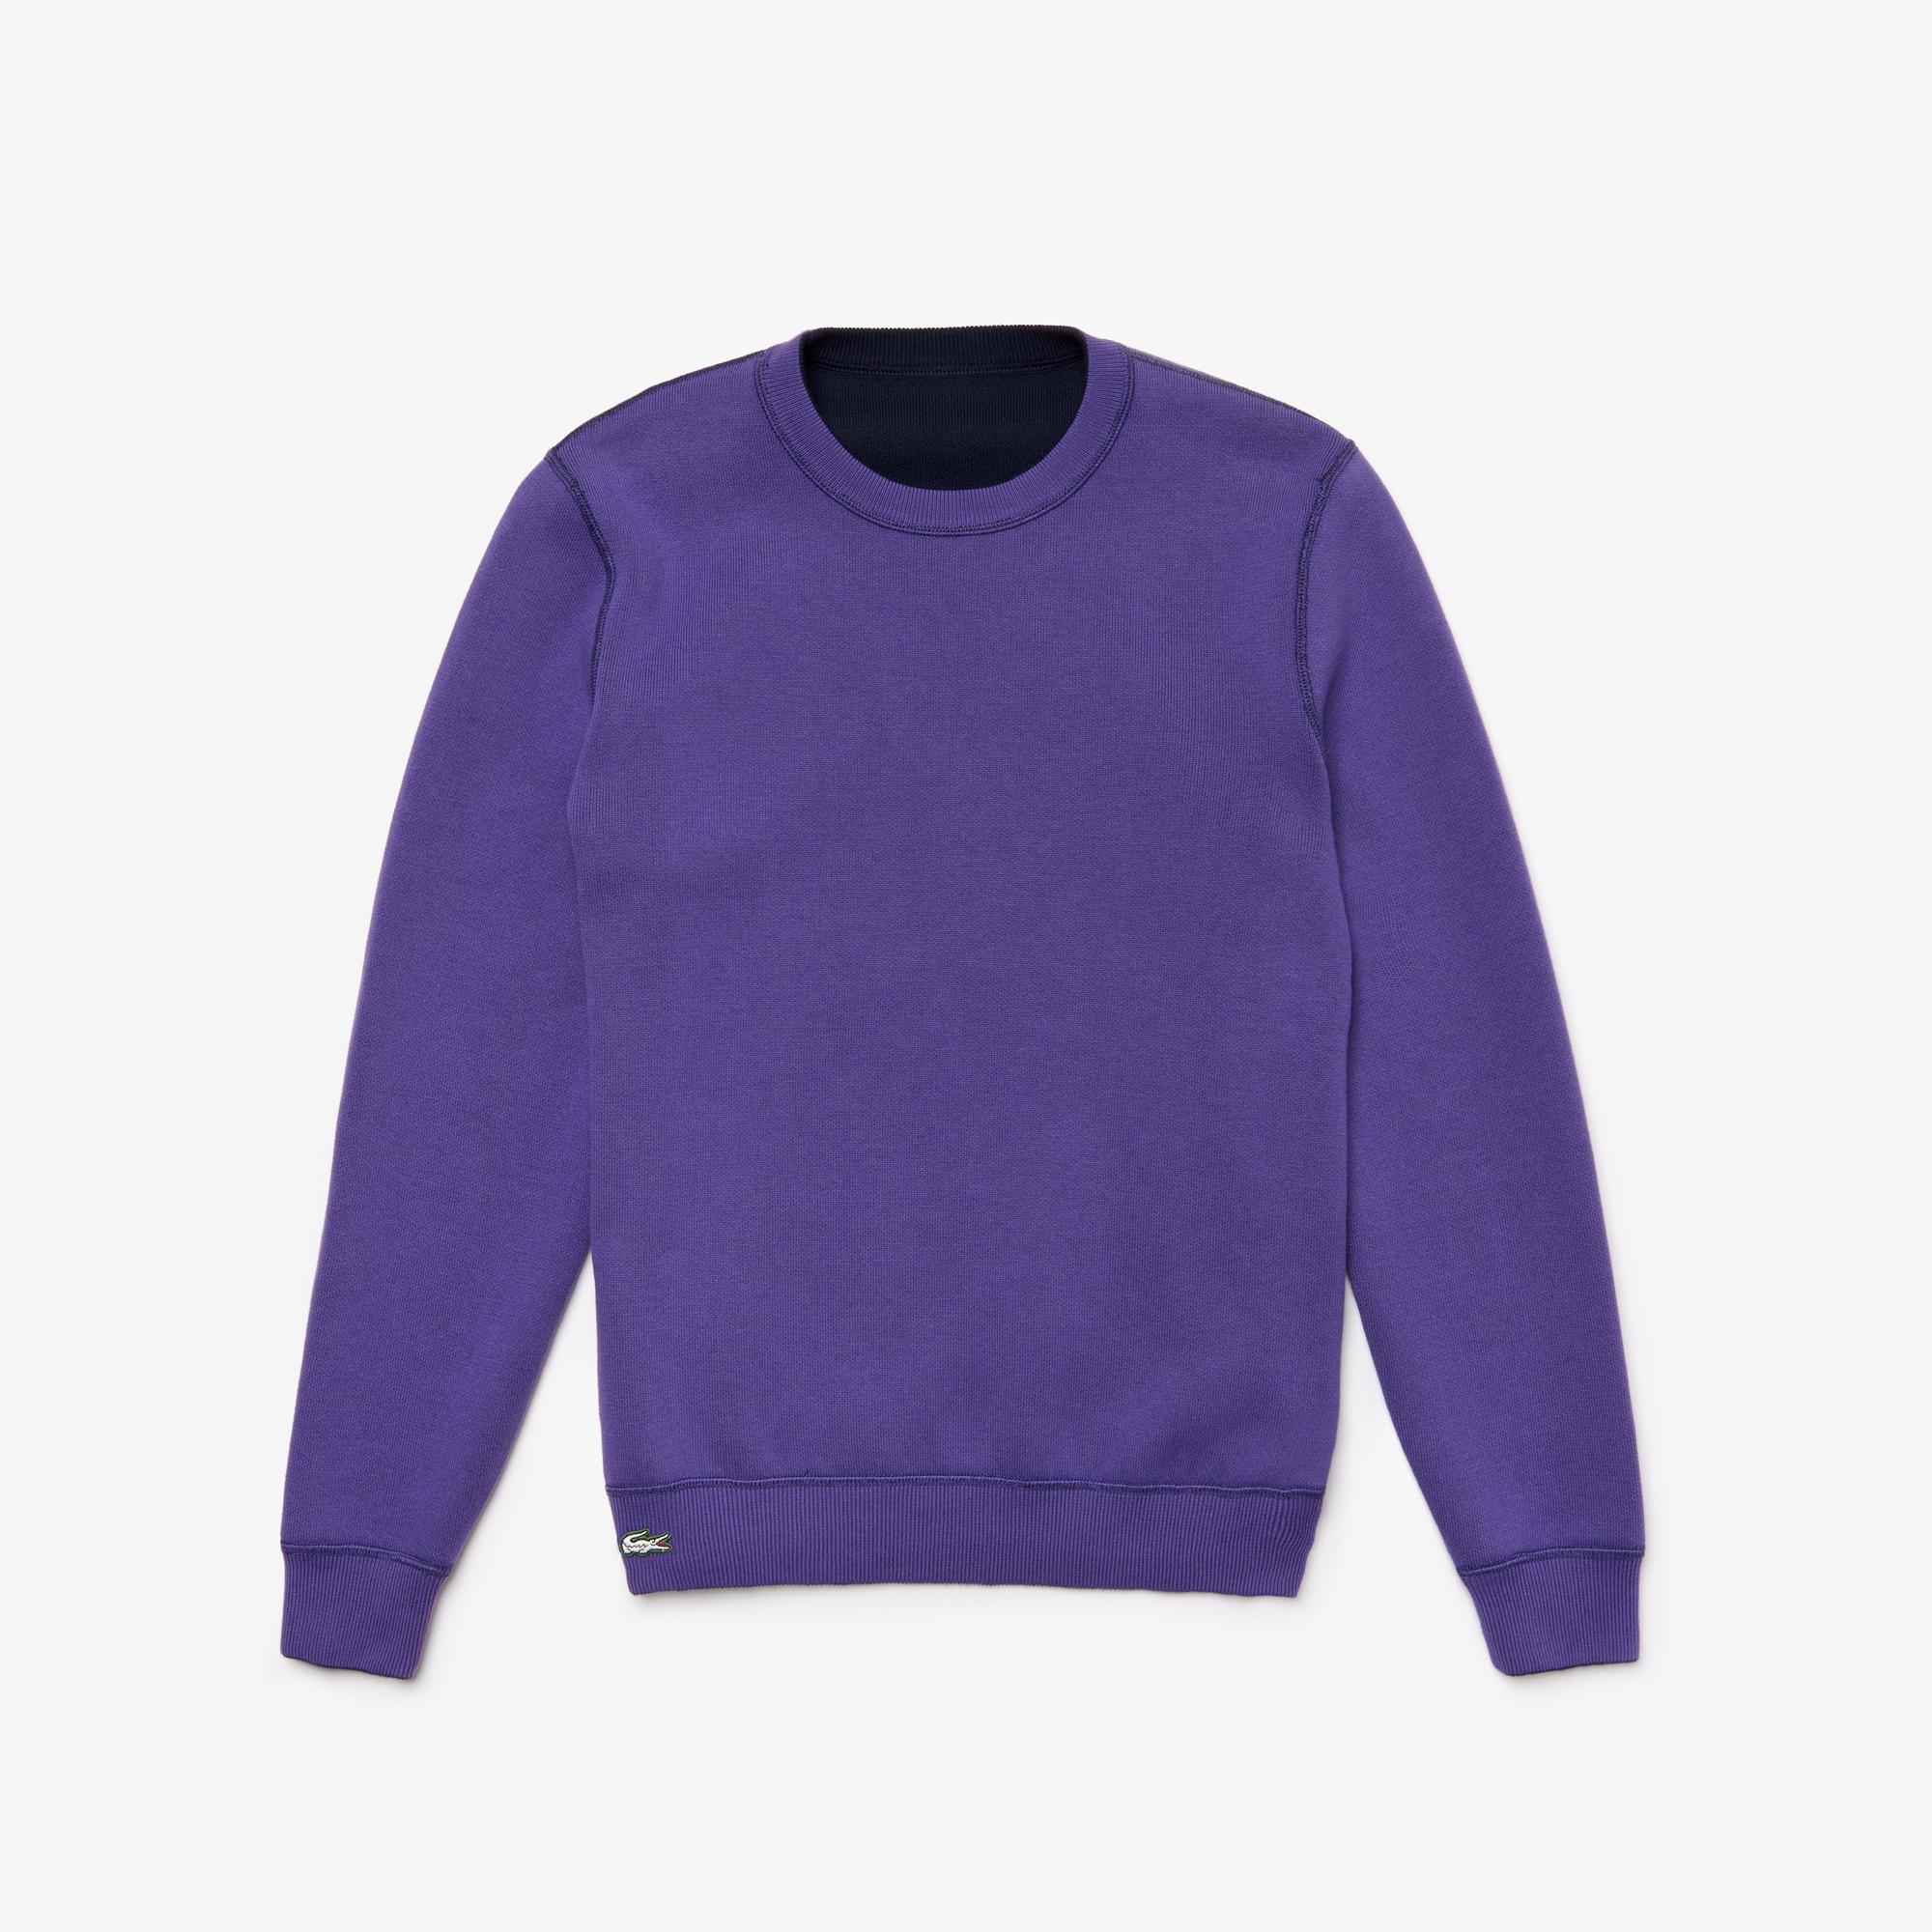 wholesale dealer f339d a6453 Polos, Kleidung und Lederwaren Online | LACOSTE